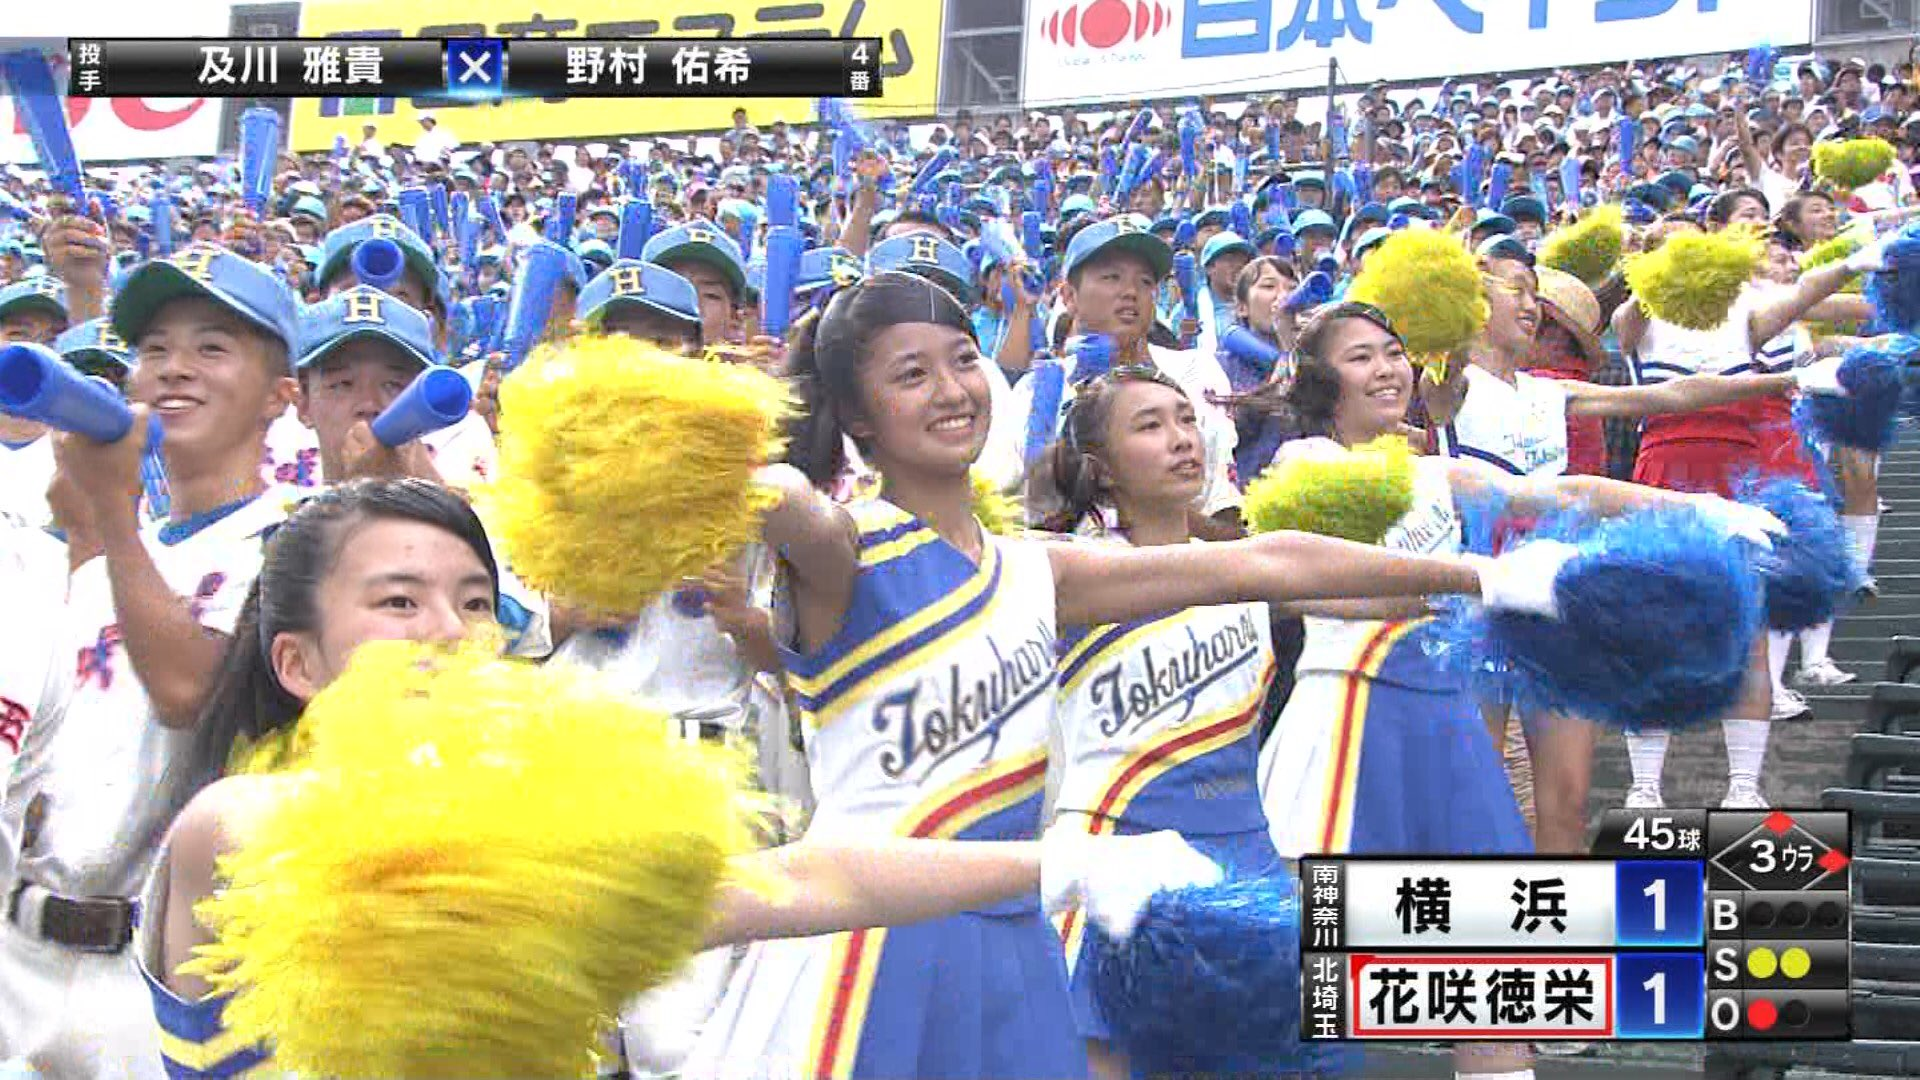 画像 : かわいいチア&脇 その1#高校野球#チア#花咲徳栄 https://t.co ...